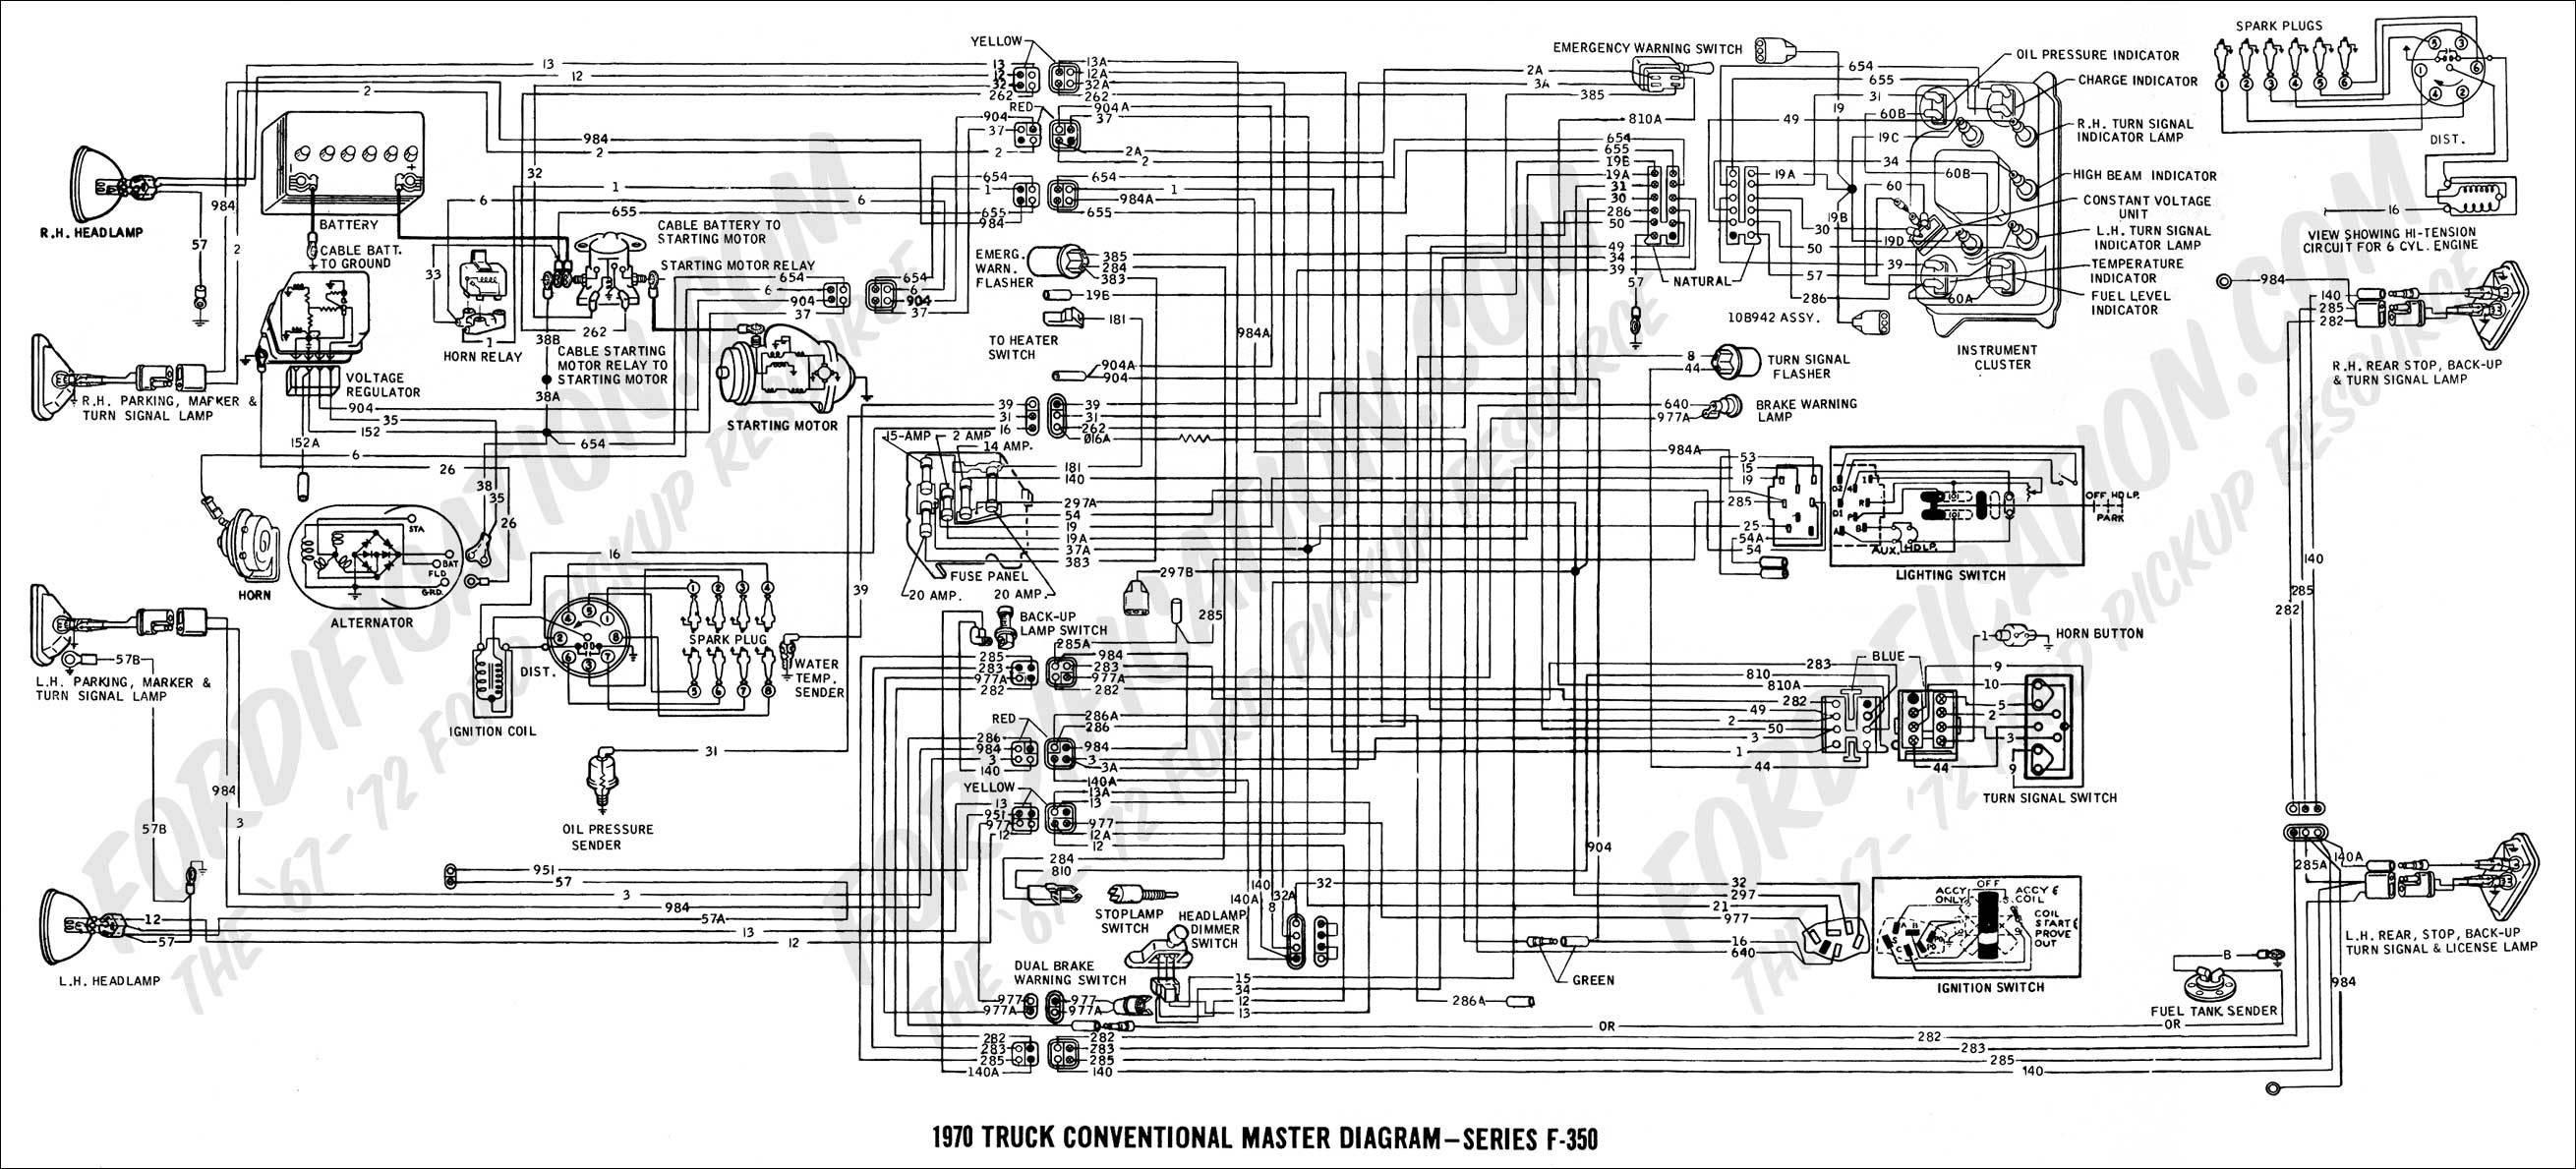 Diagram Of Car Under Hood Bucket 2002 F350 Superduty Electrical ...